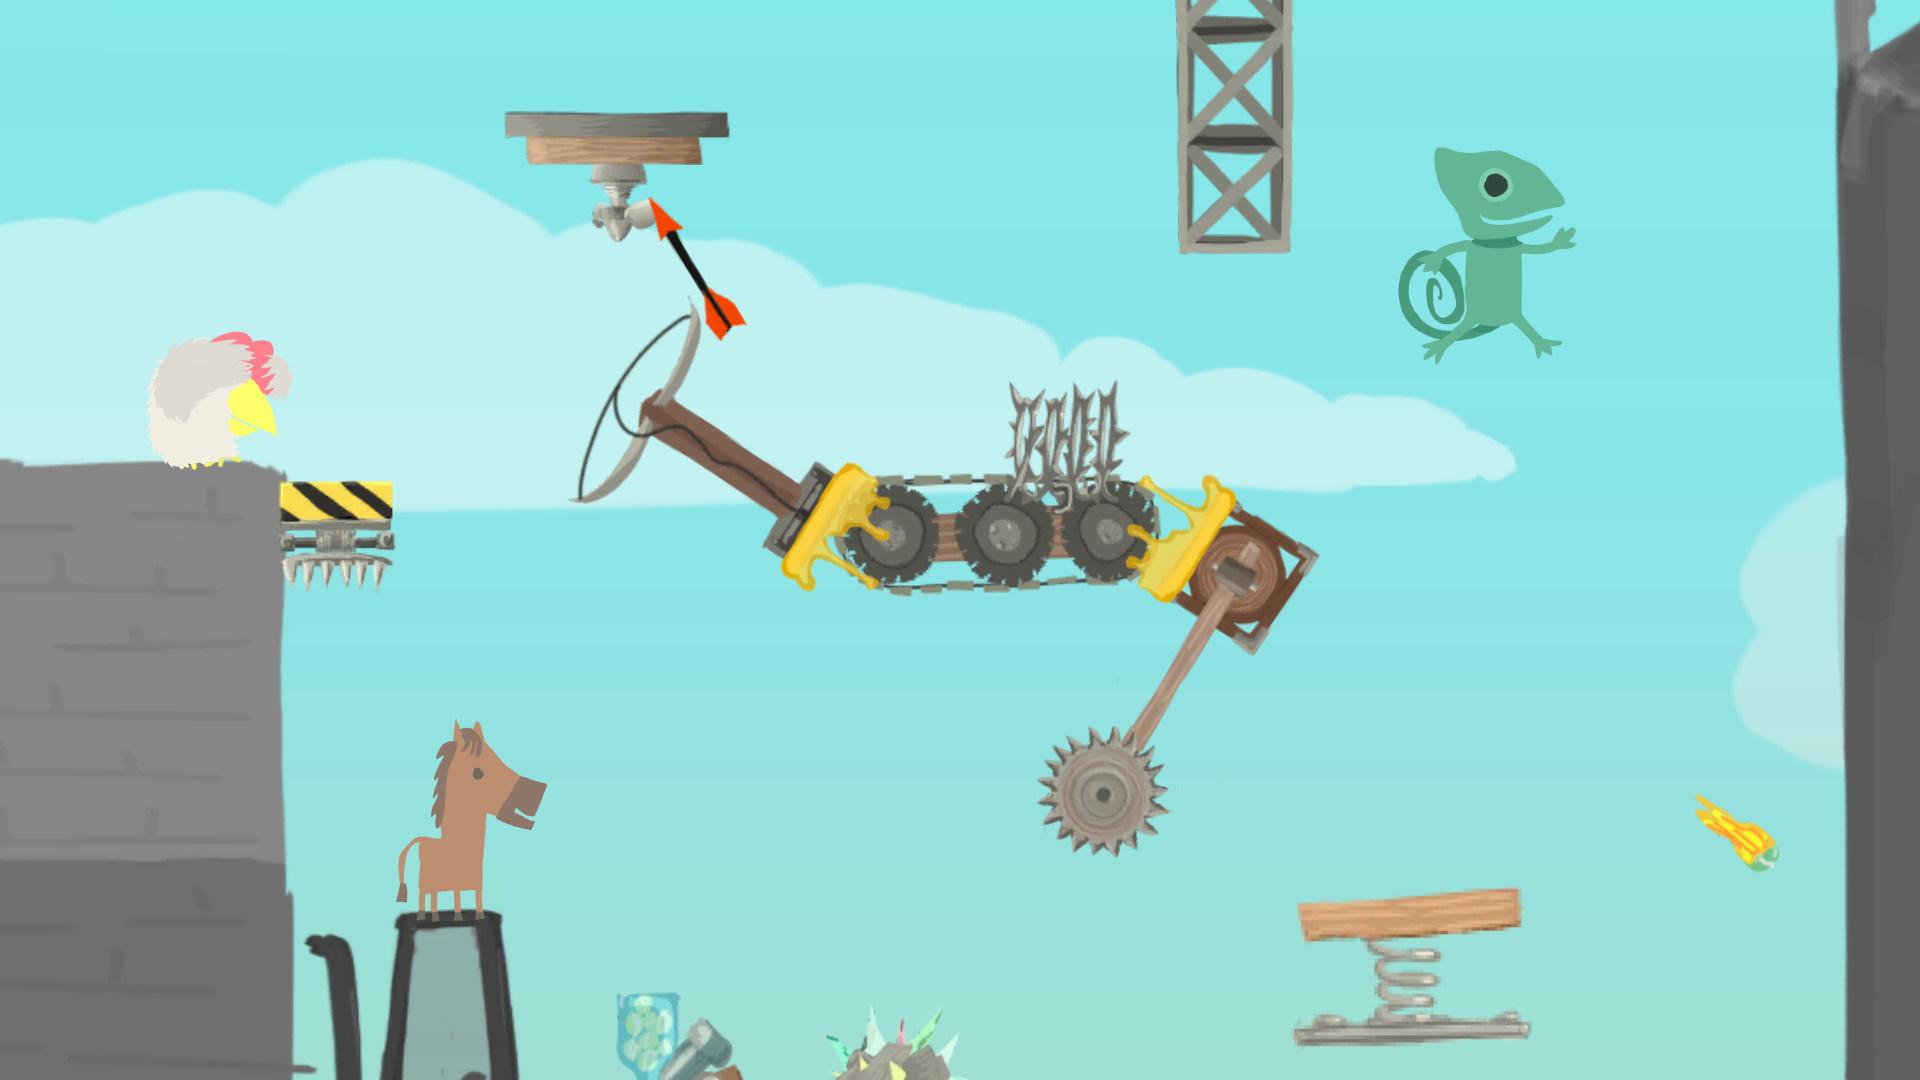 Ultimate Chicken Horse Heise Download - Minecraft online spielen kostenlos download chip